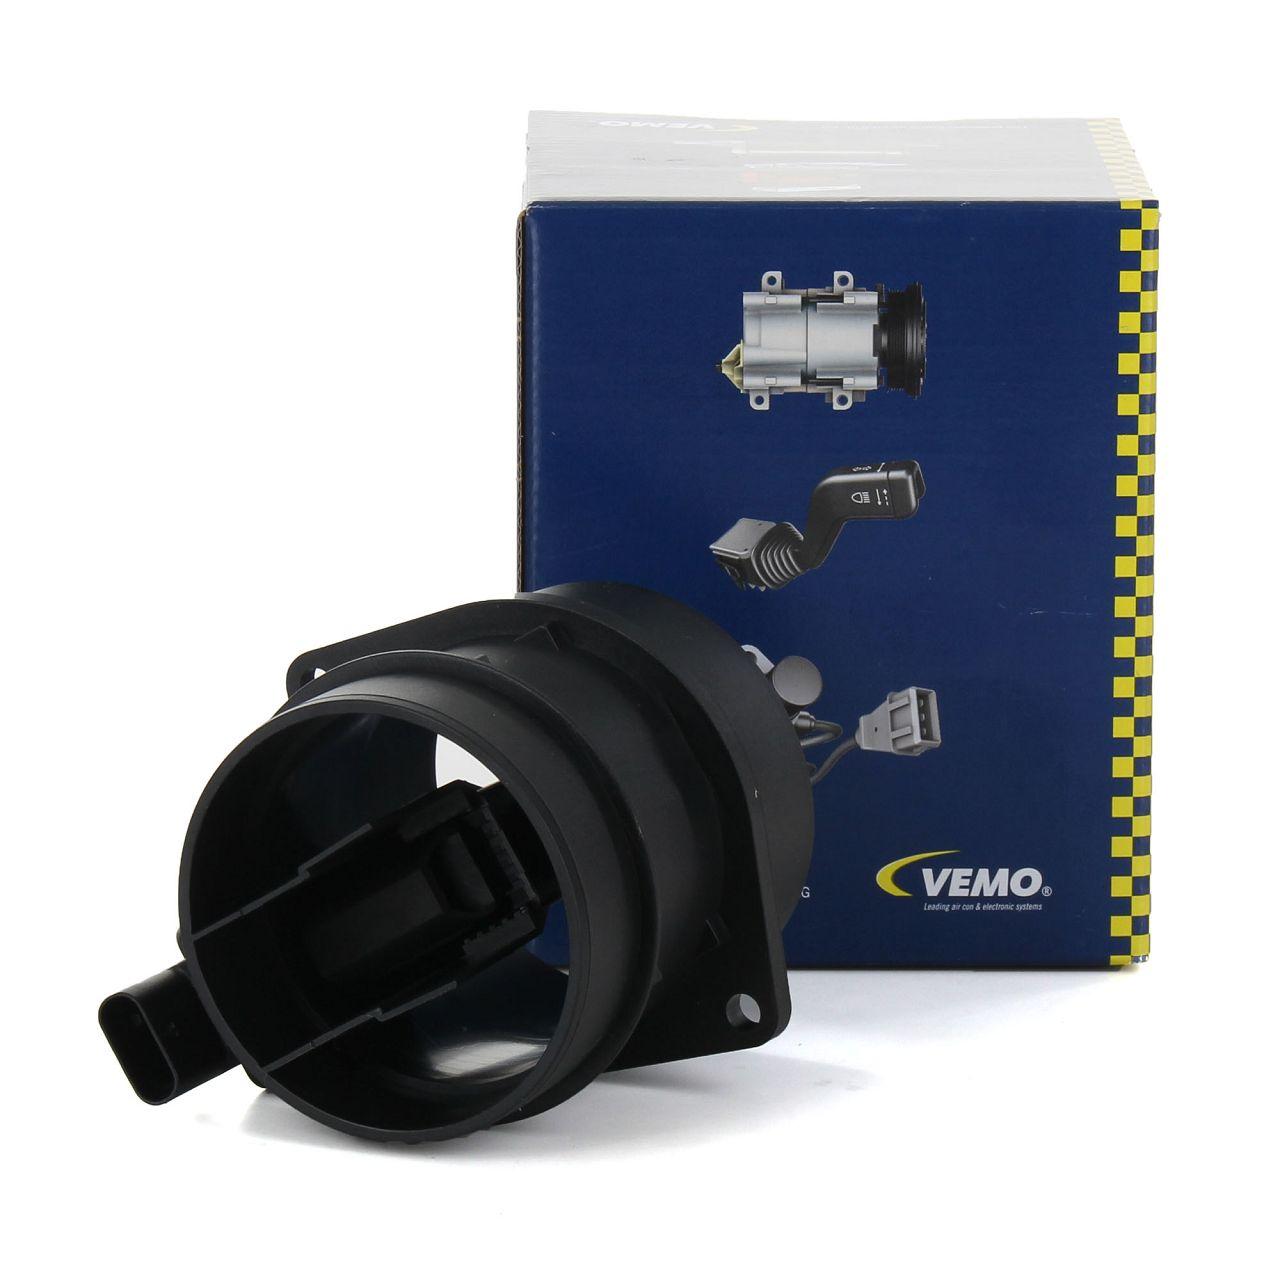 VEMO Luftmassenmesser MERCEDES W204 W212 X204 Sprinter 906 Viano Vito W639